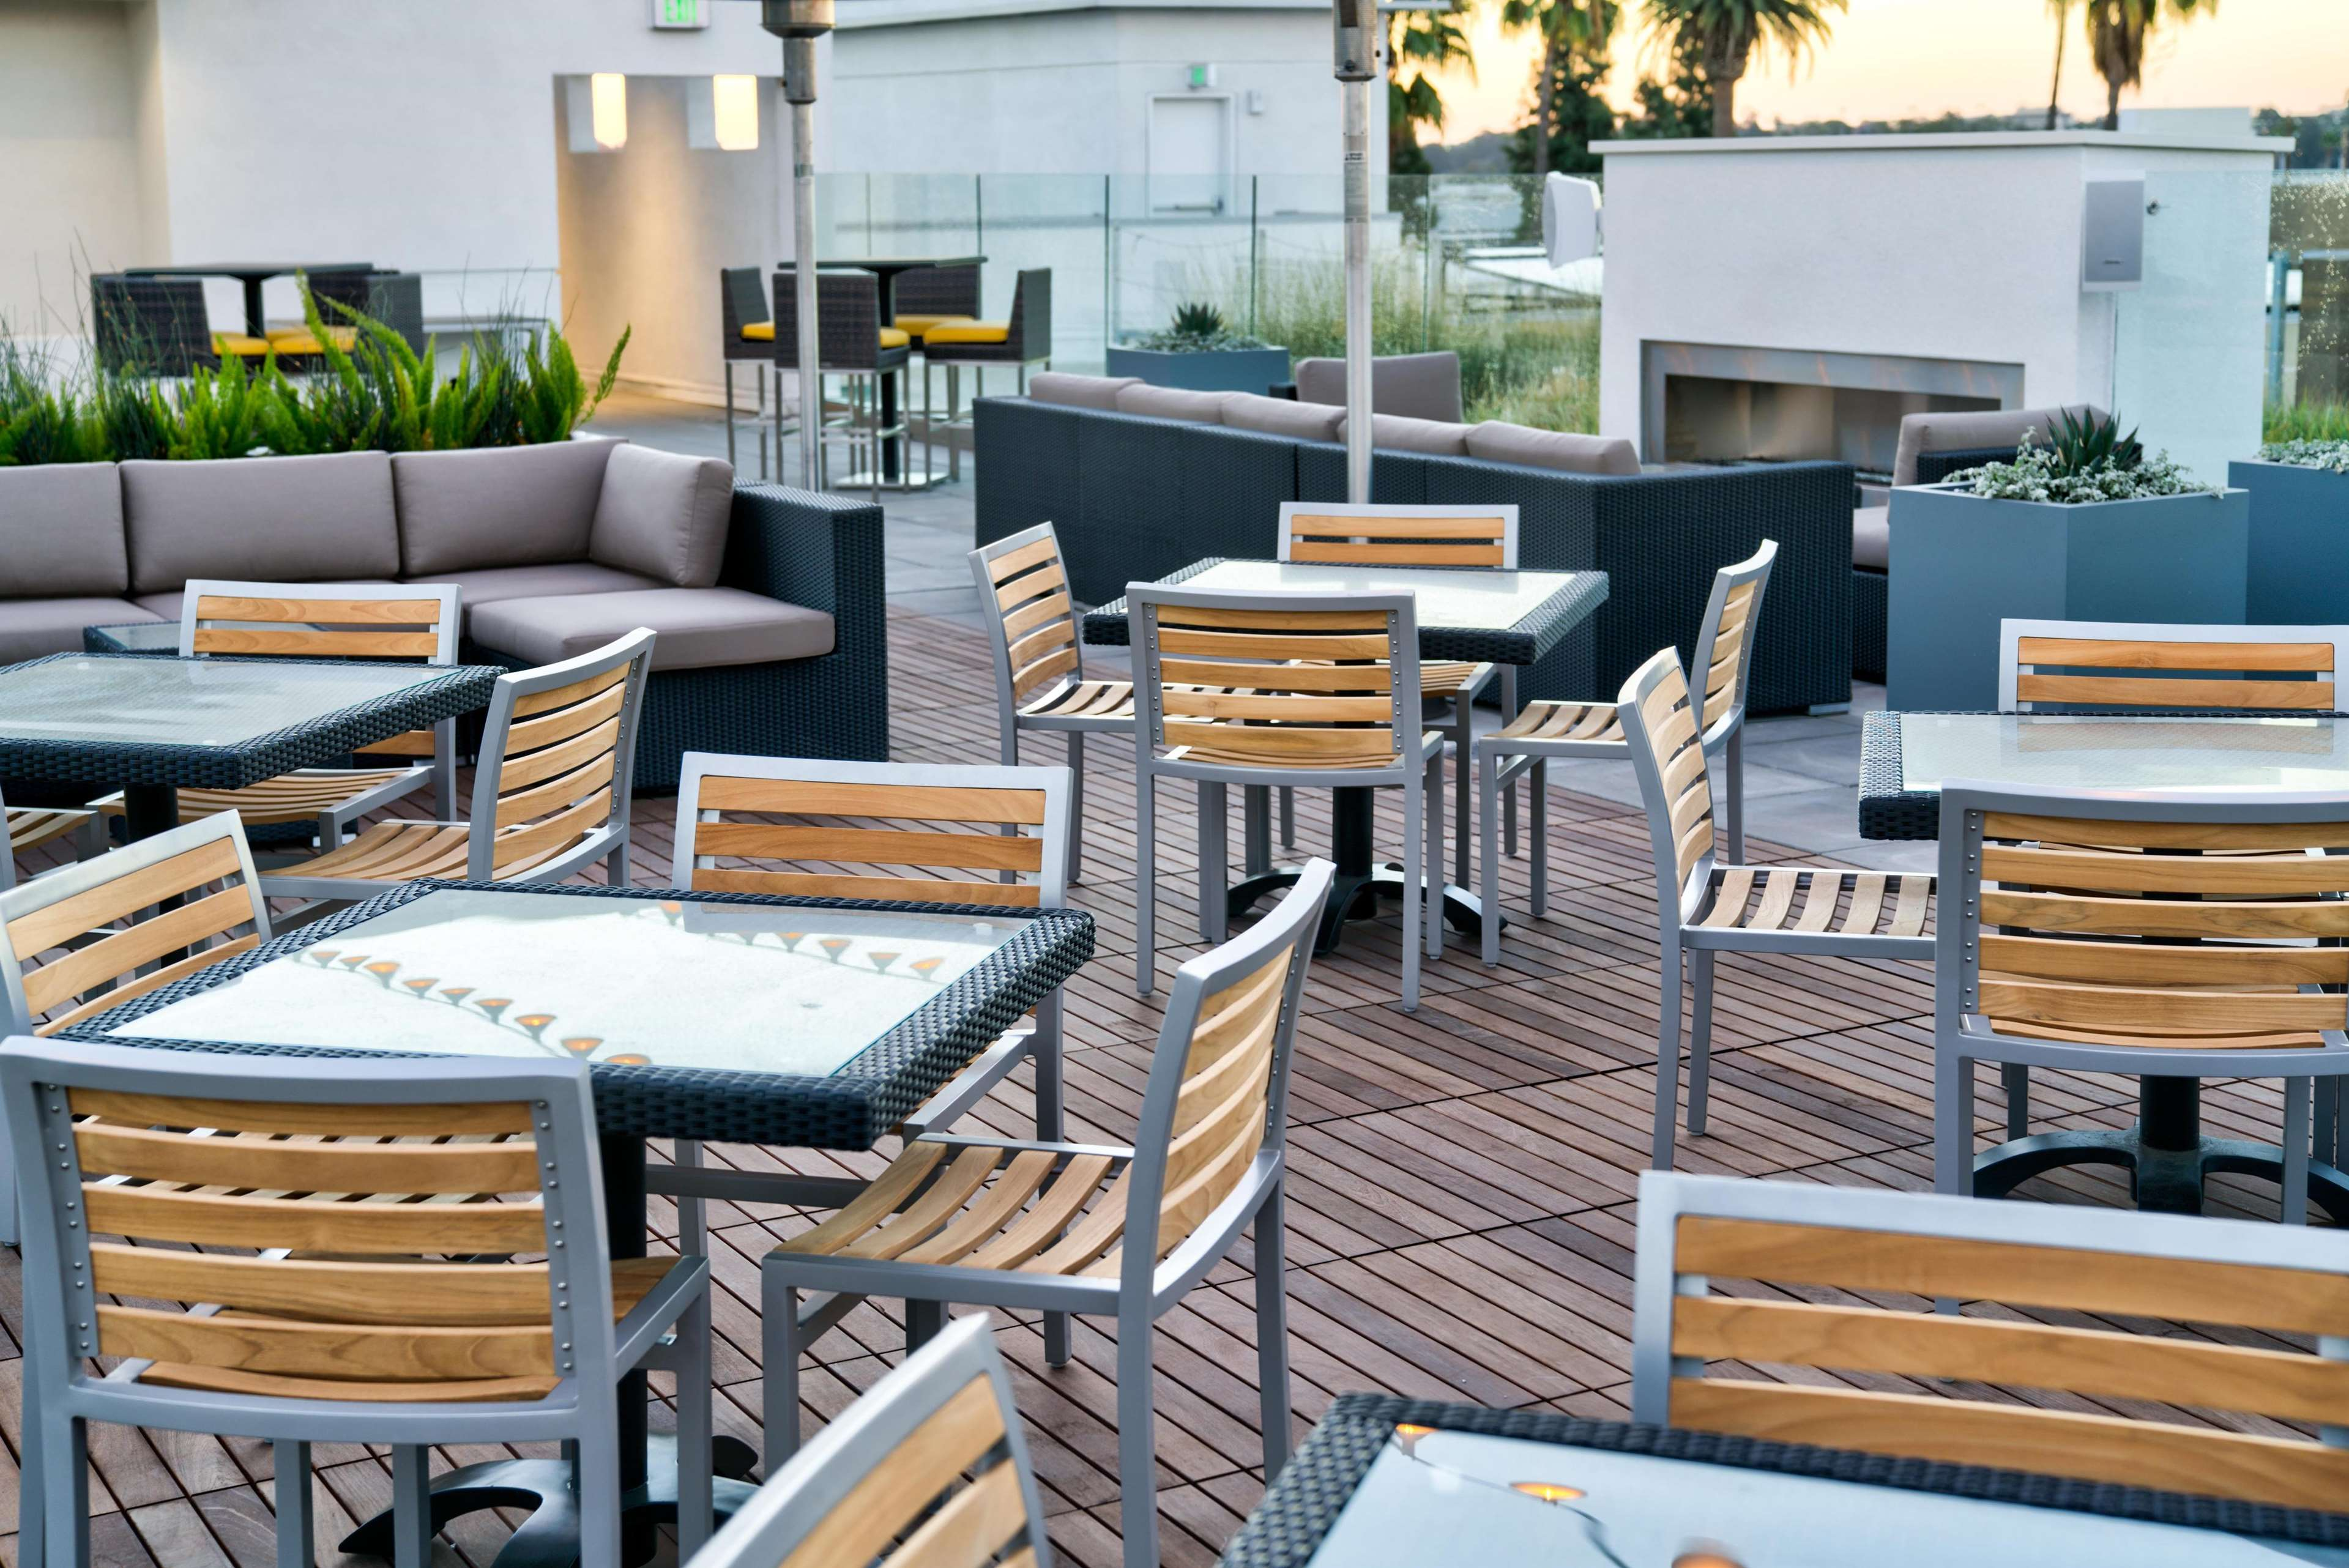 Hilton Garden Inn Santa Barbara Goleta In Goleta Ca 93117